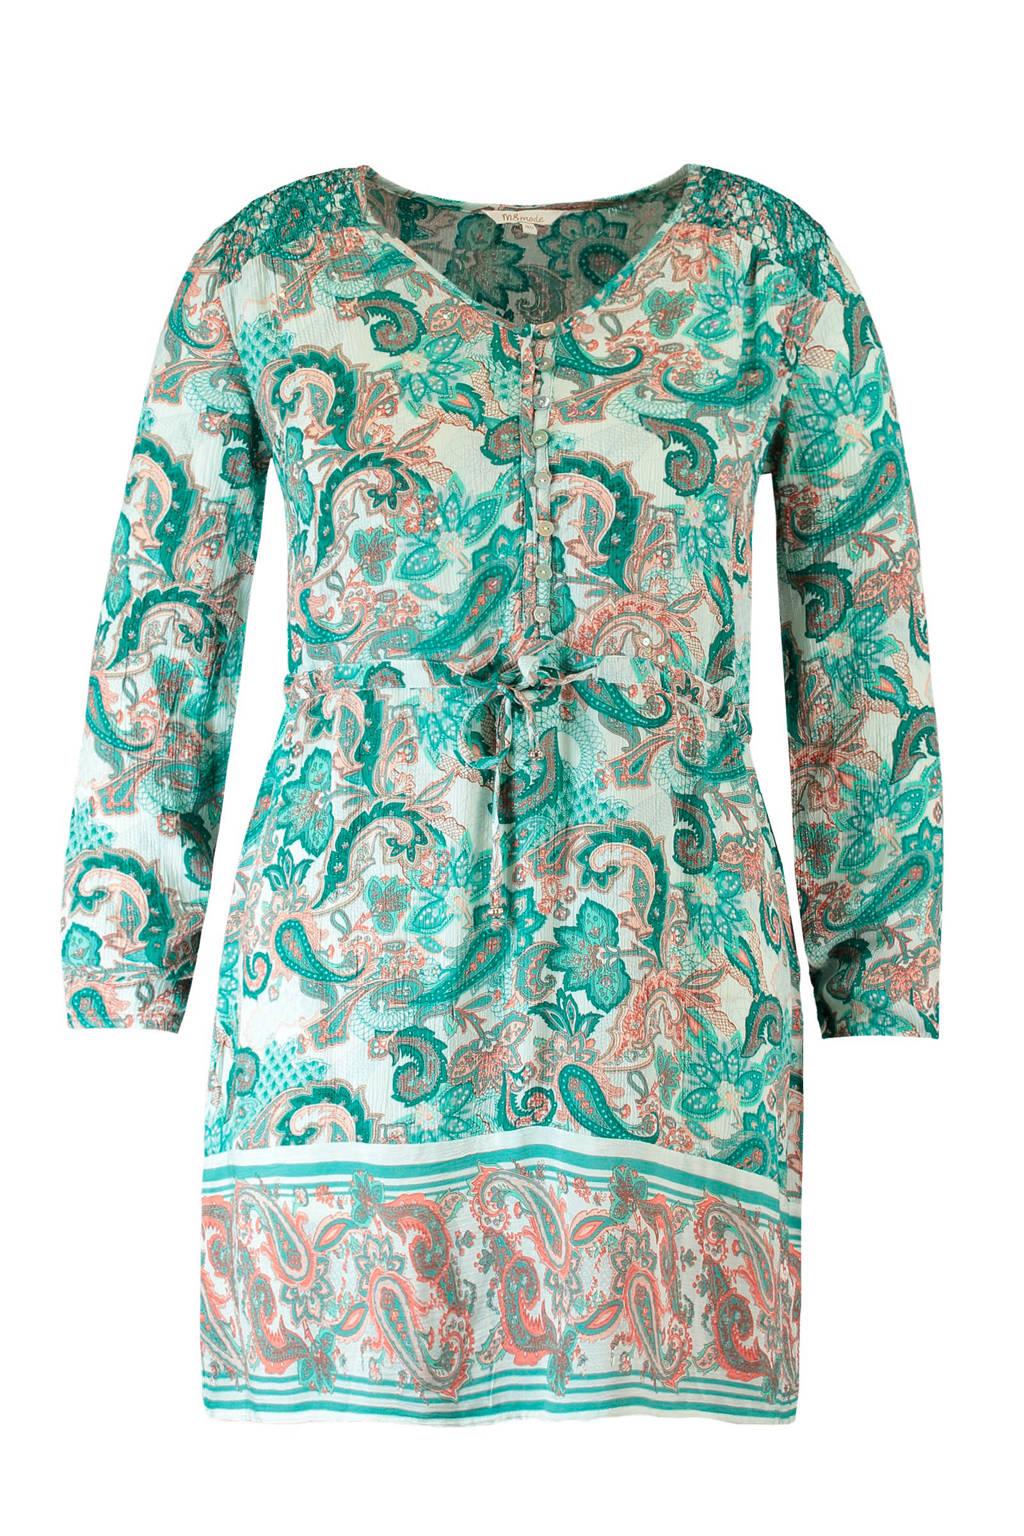 MS Mode jurk met all over print blauw, Blauw/wit/bruin